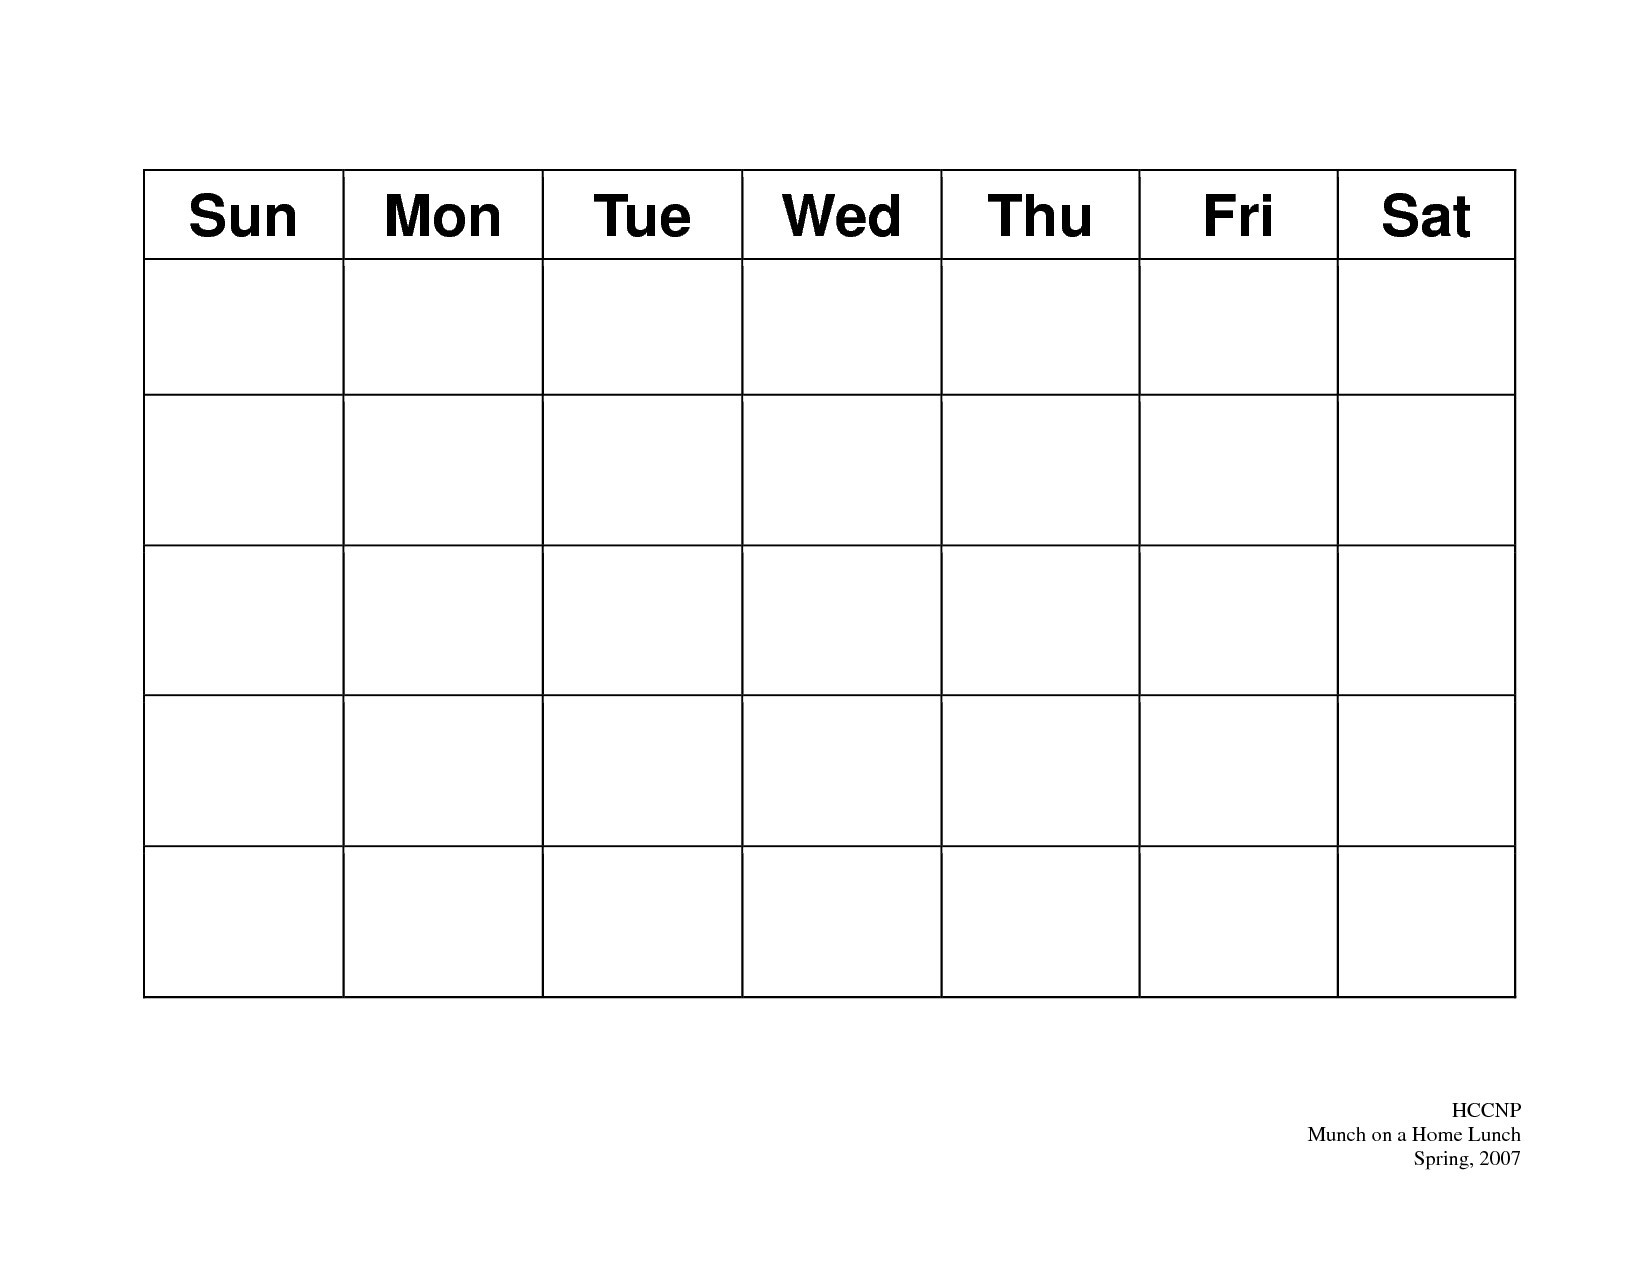 31 Day Blank Calendar Template | Ten Wall Calendar-Blank 31 Day Calendar Printable